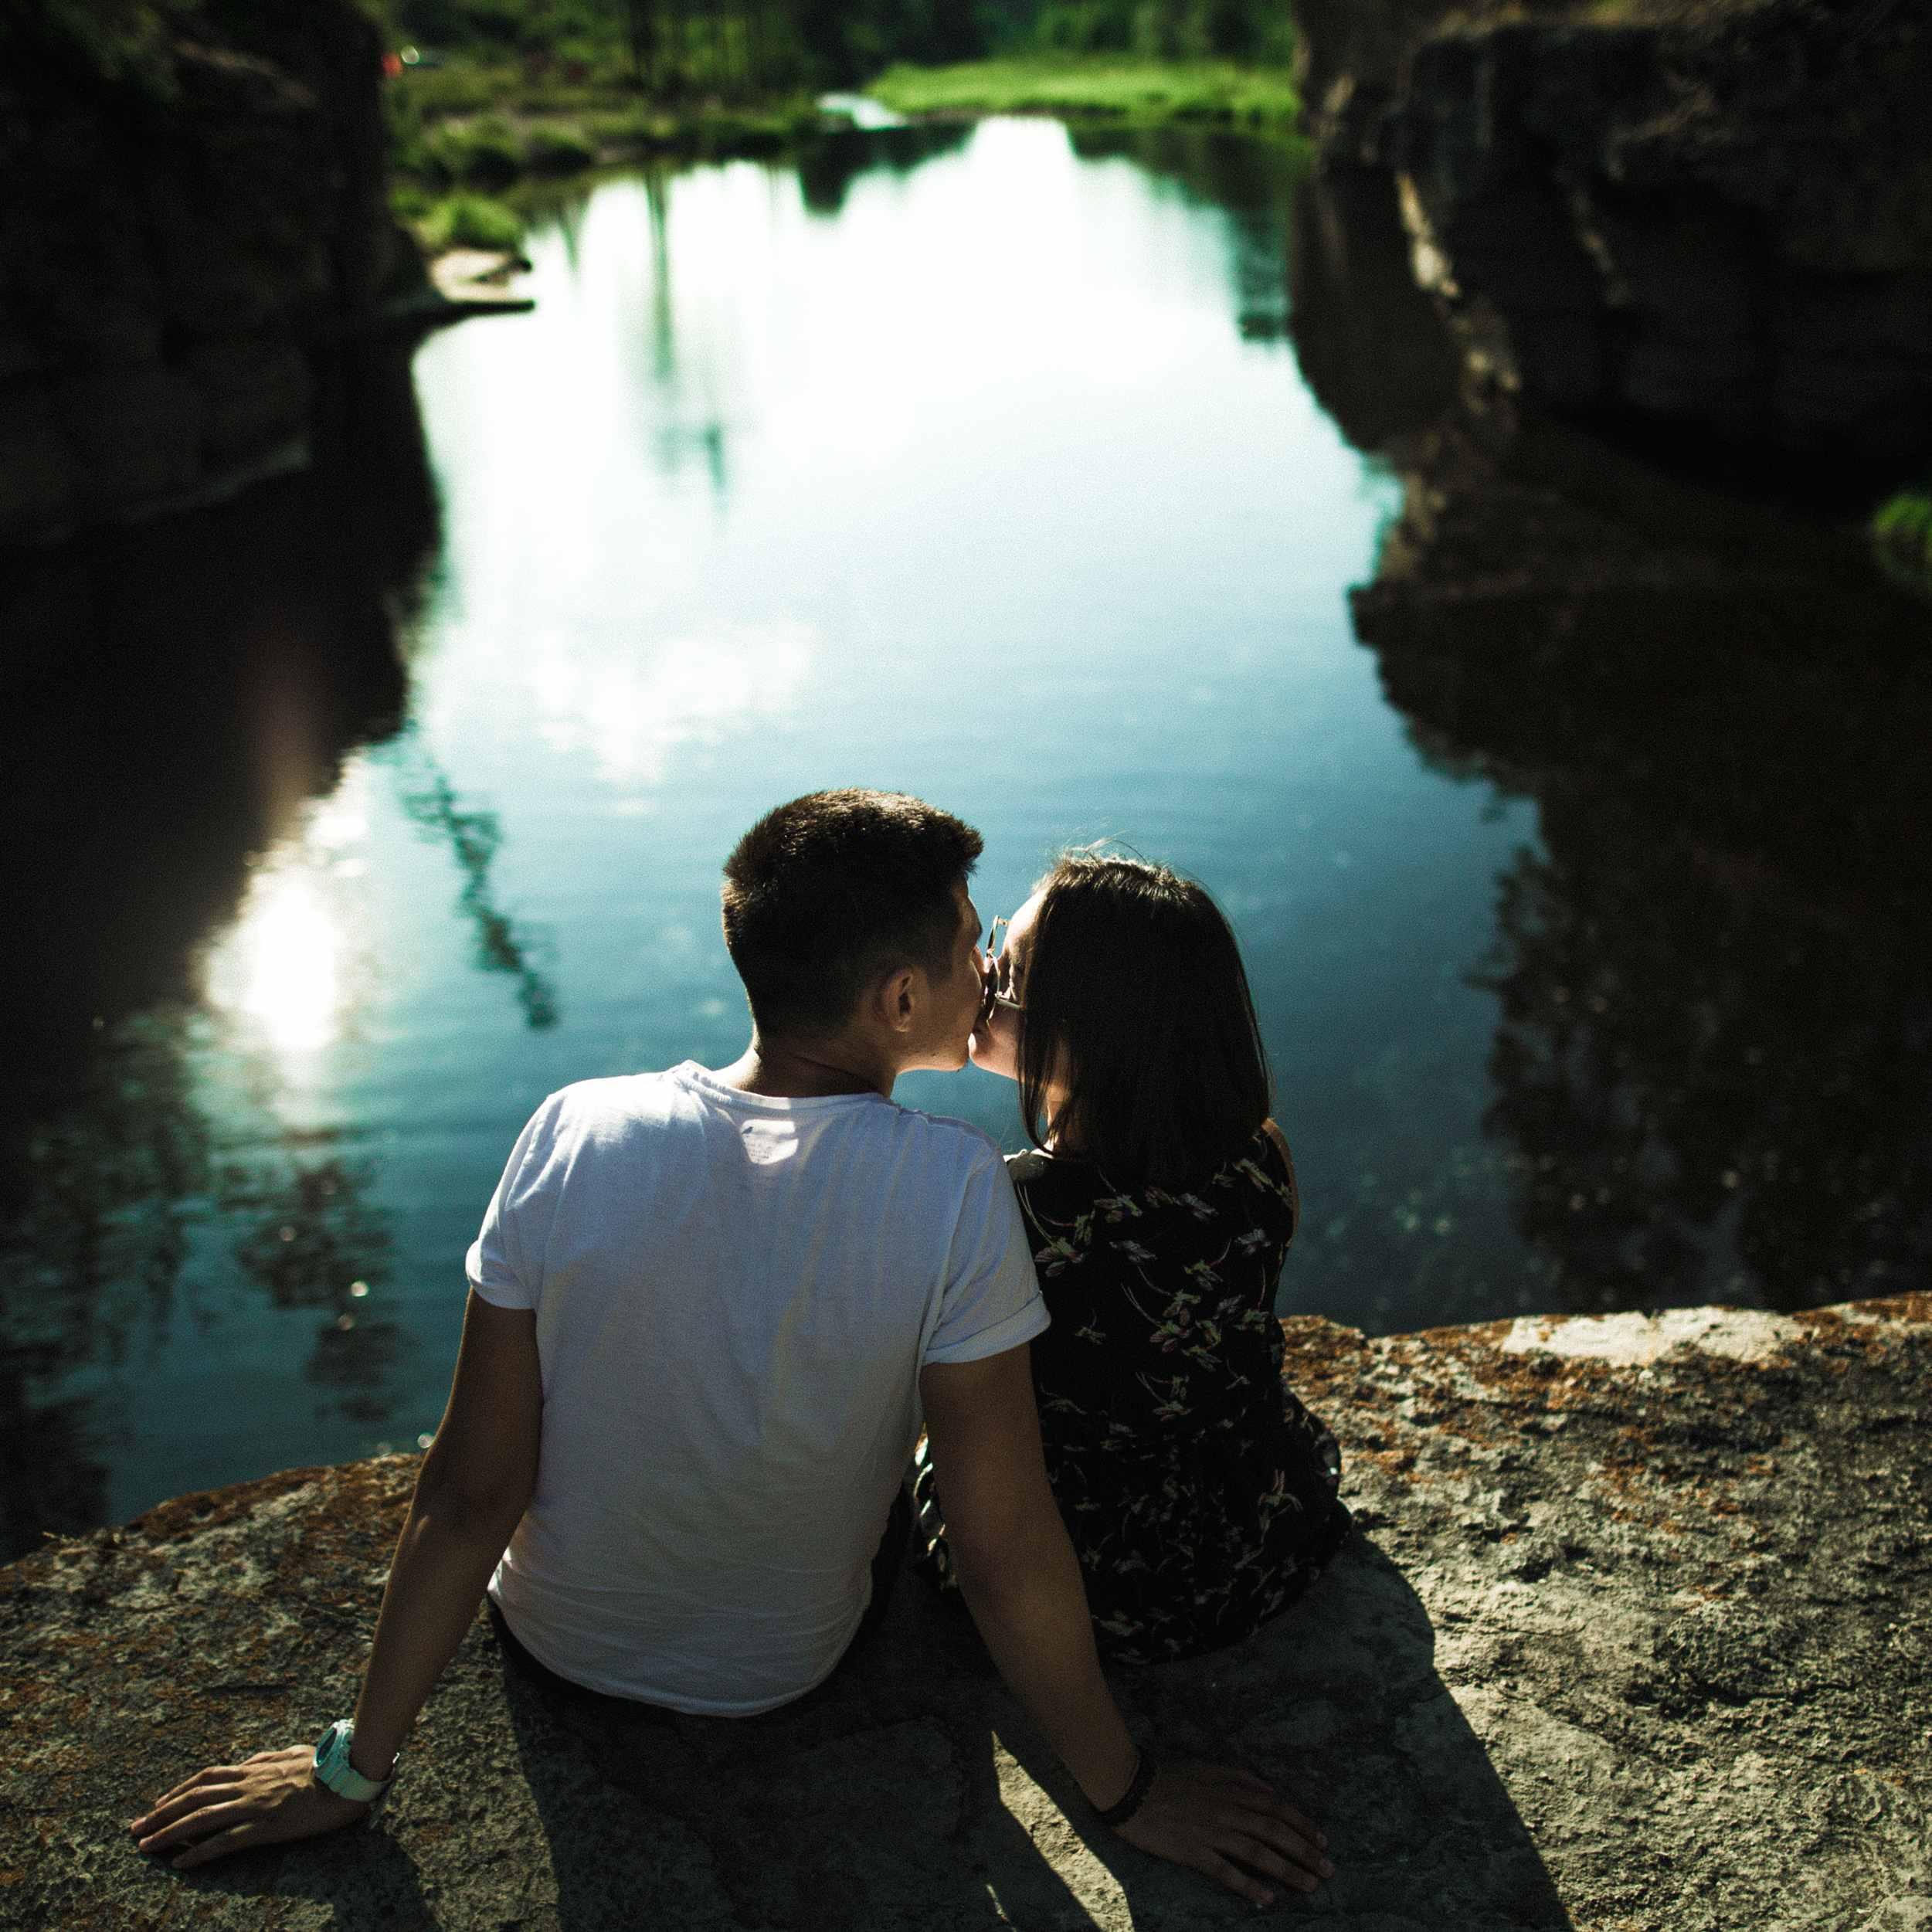 Двухдневный тур «Романтический уикенд: на берегу Карелии» со скидкой 40%